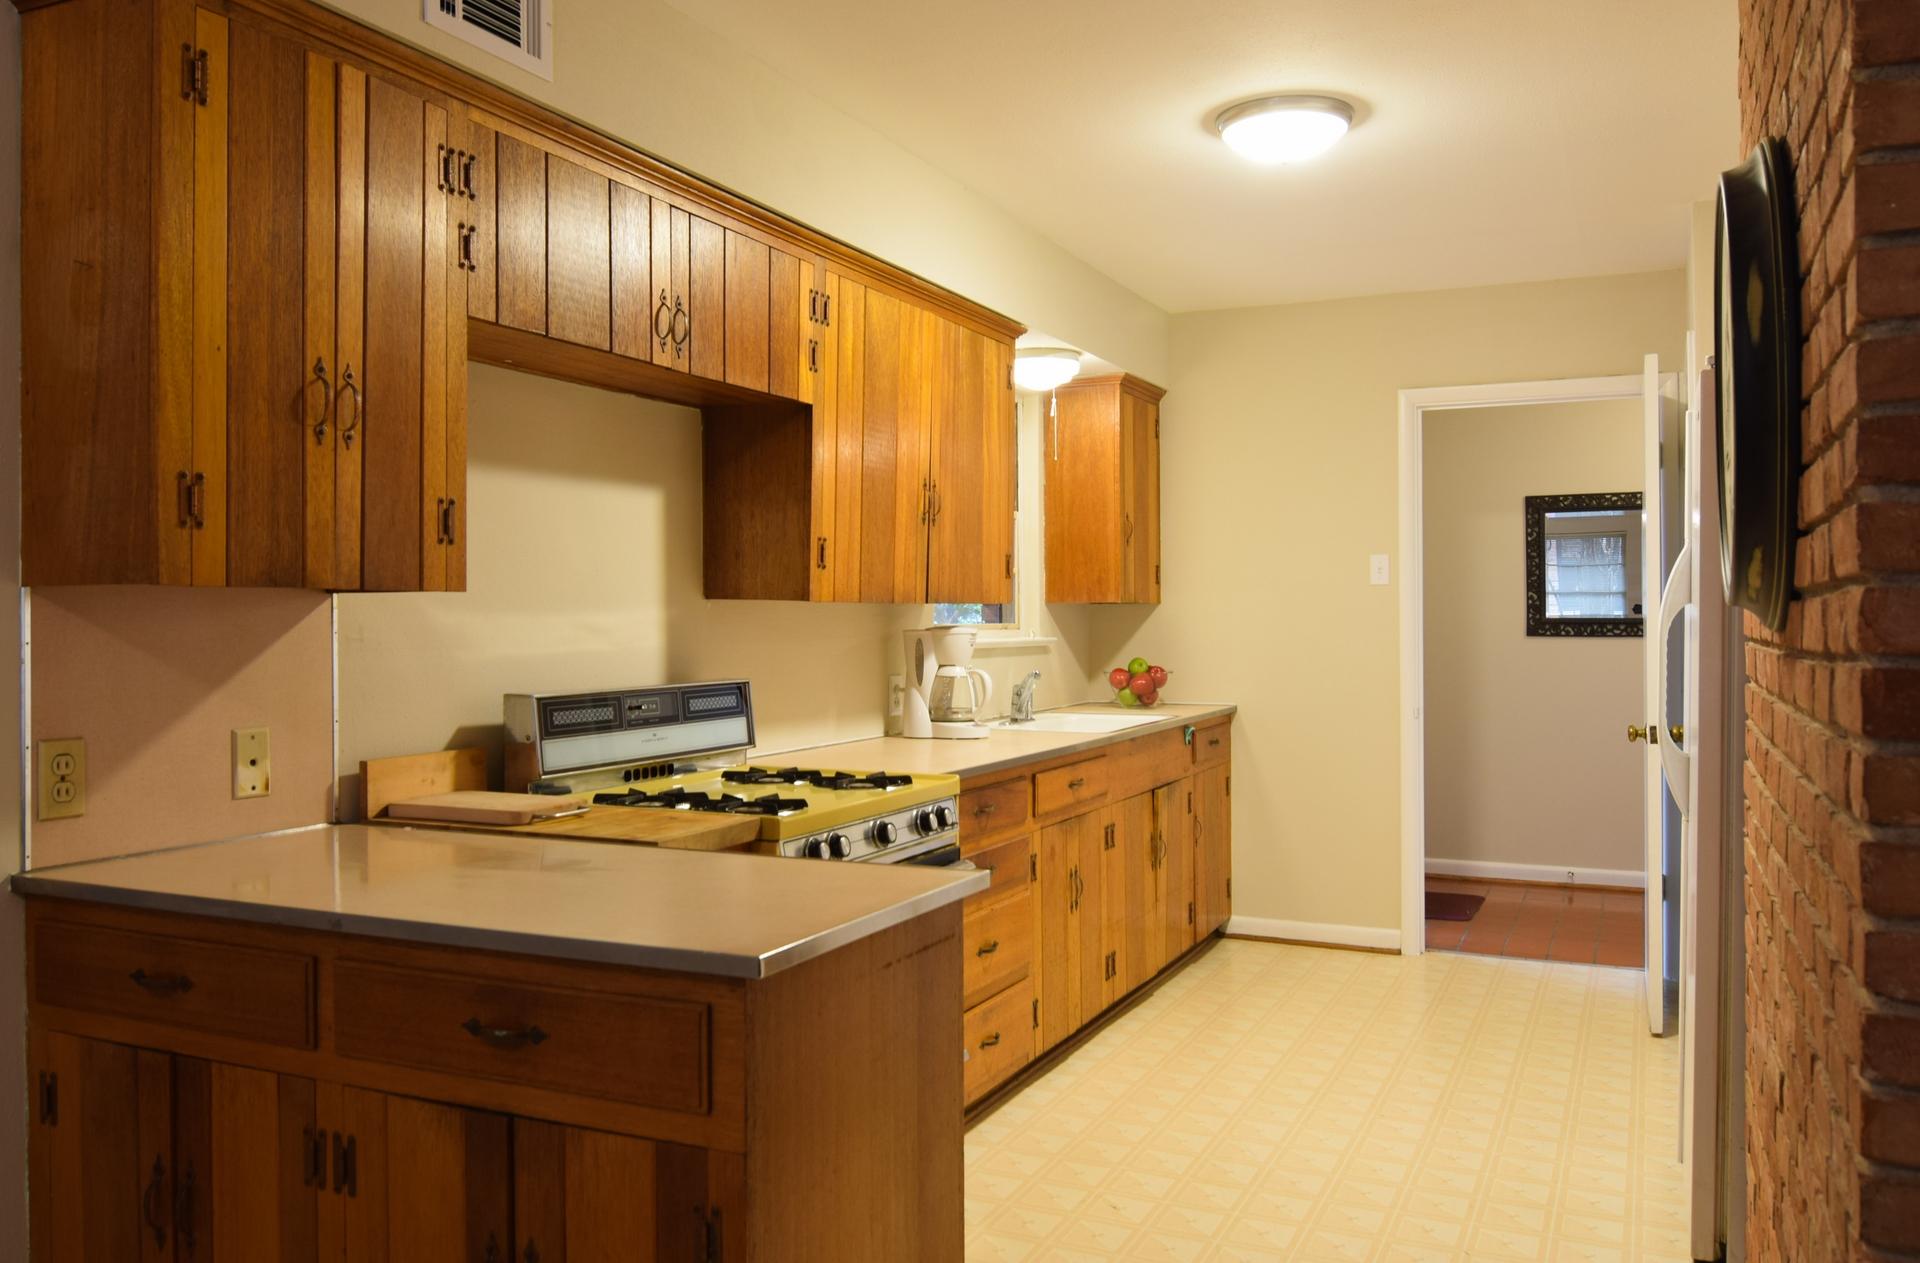 Kitchen 2716 Woodmere Dallas TX 75233.jpg